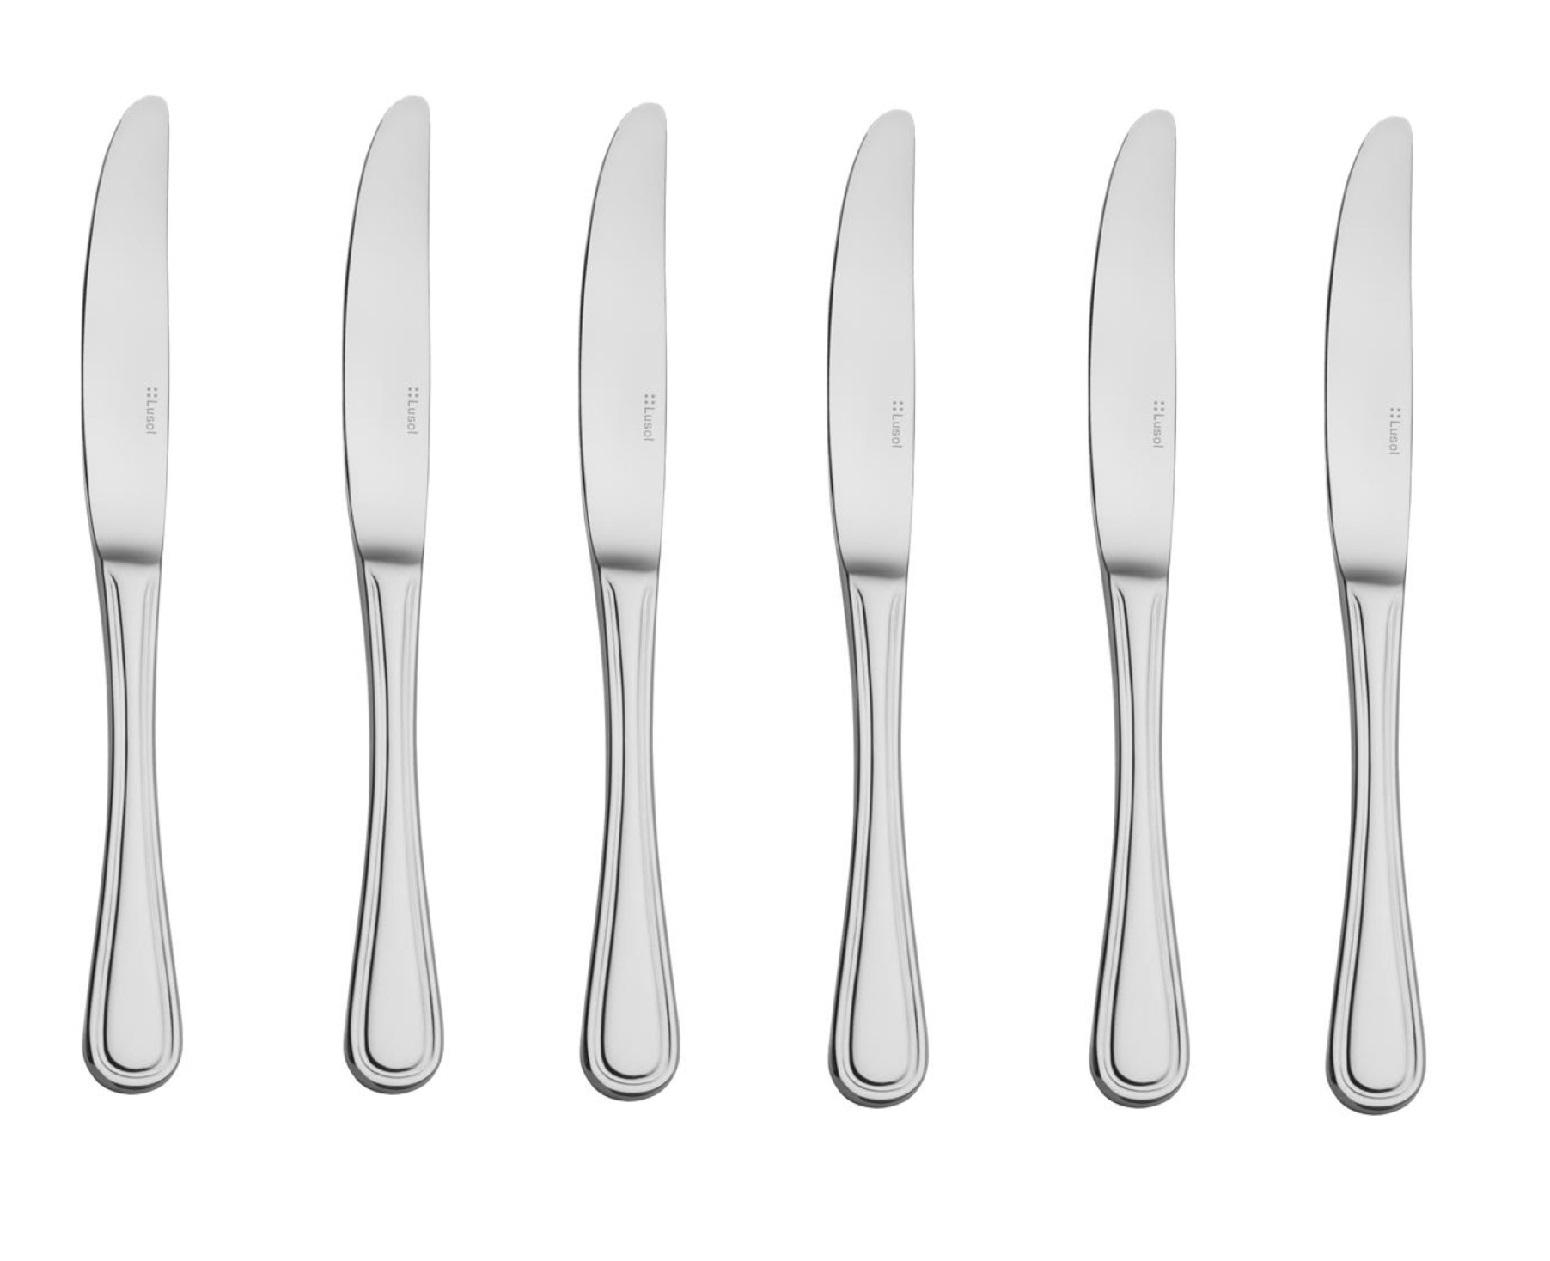 Набор ножей столовых Lusol AVALON, длина 23,4 см, серебристый, 6 штук Lusol 132022 фото 0